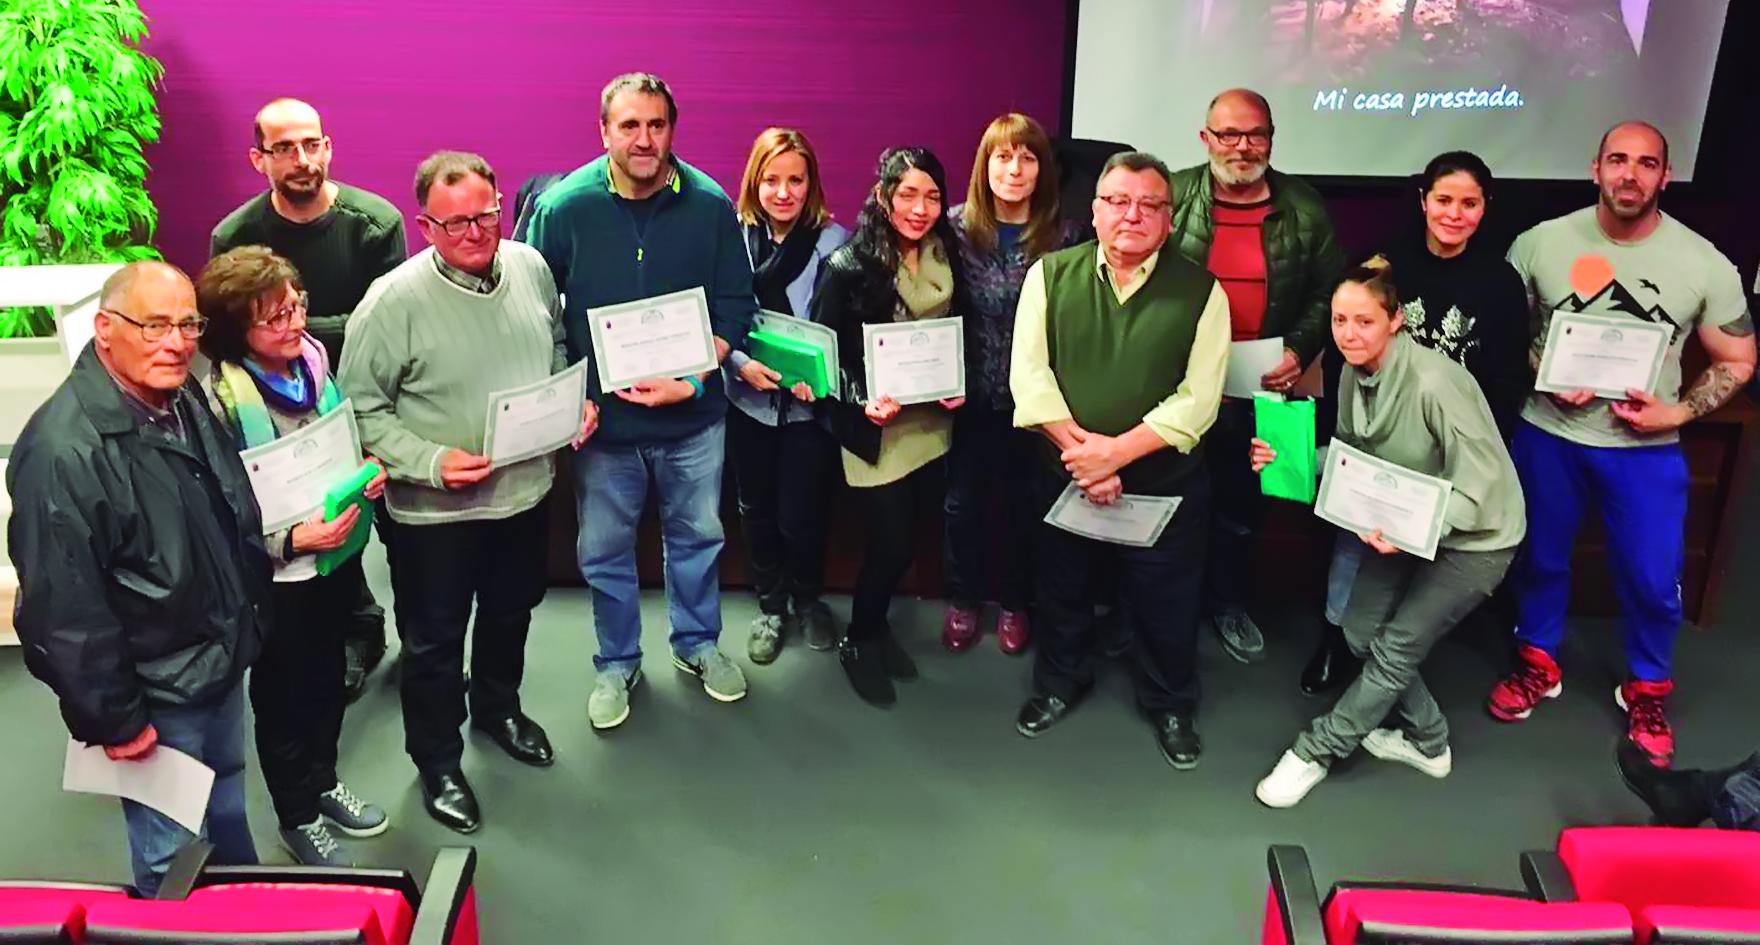 La Escuela de Adultos celebró su segundo certamen literario